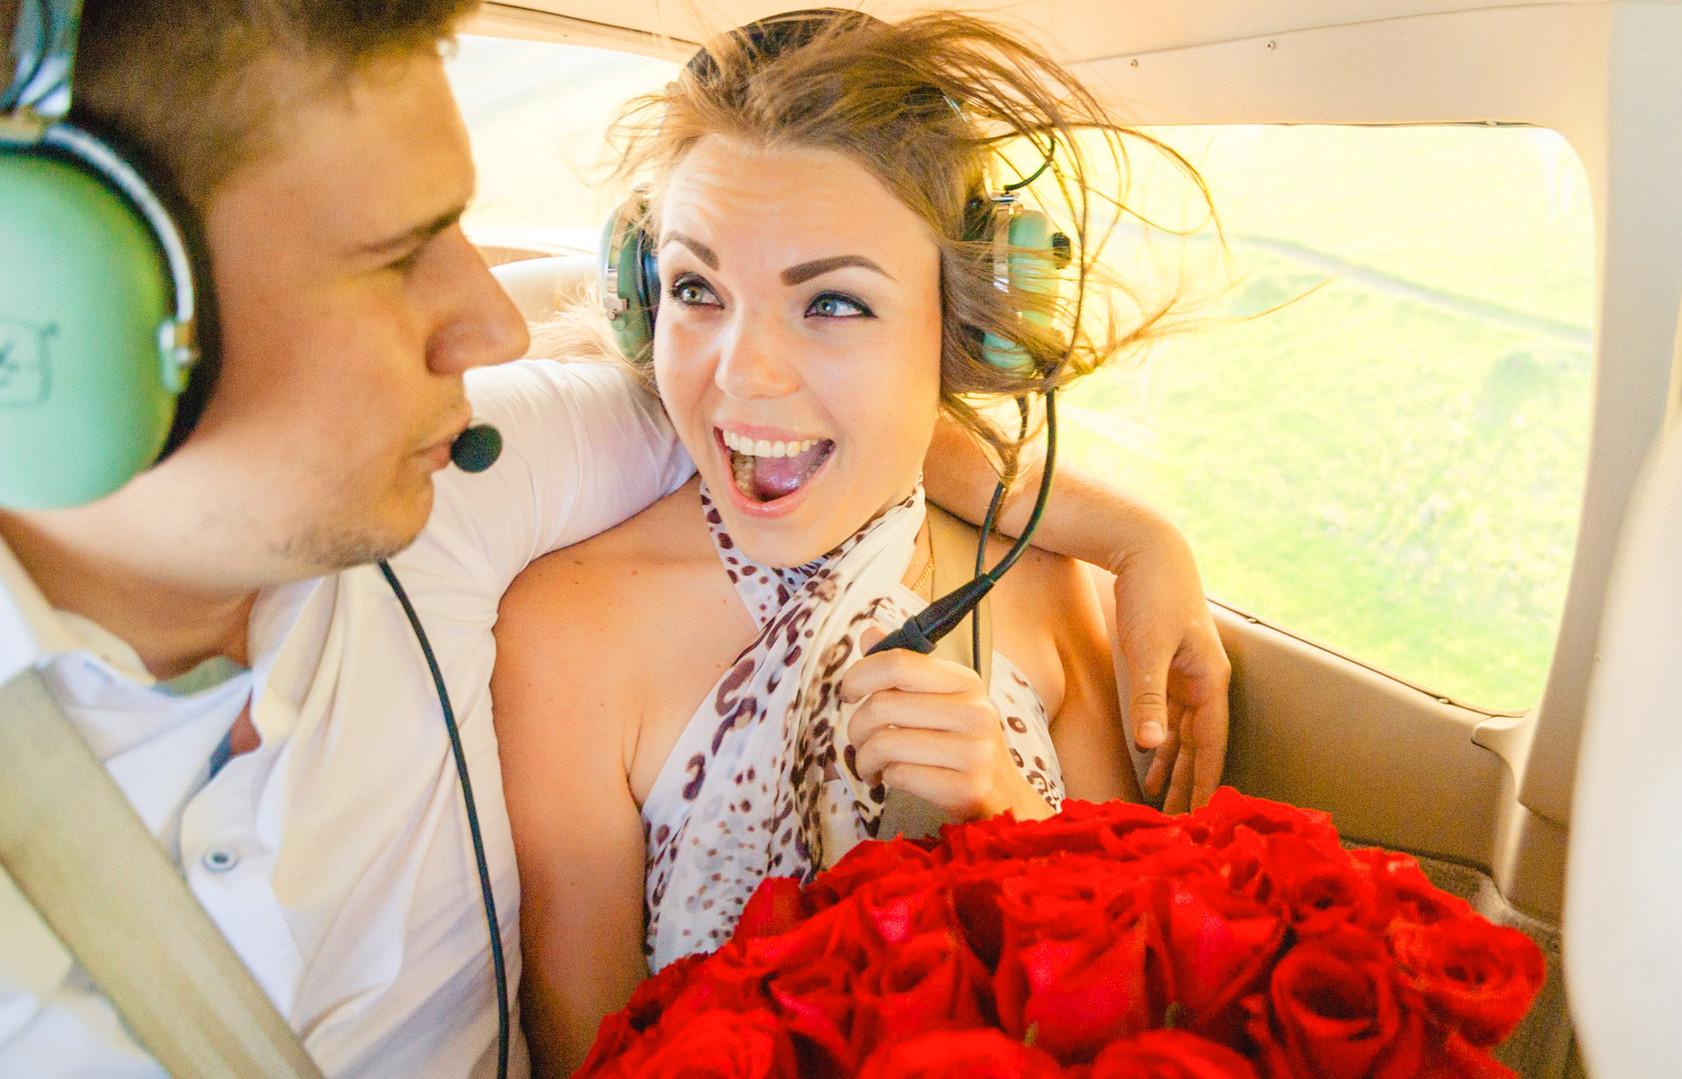 Организация необычных помолвок и предложений